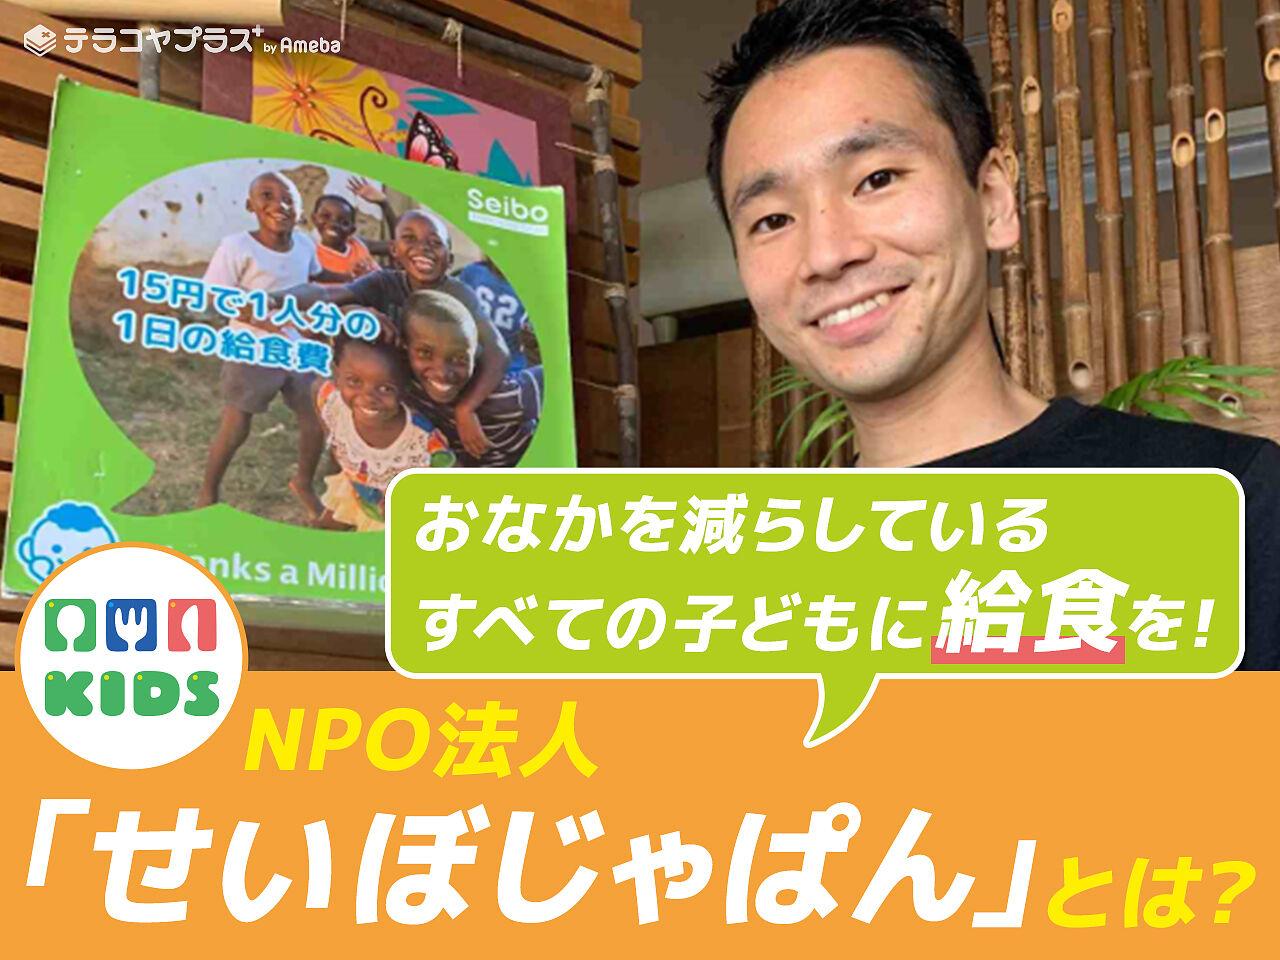 アフリカの子どもたちに給食を届けるNPO法人「せいぼじゃぱん」とは?代表に活動内容を聞いてみた!の画像